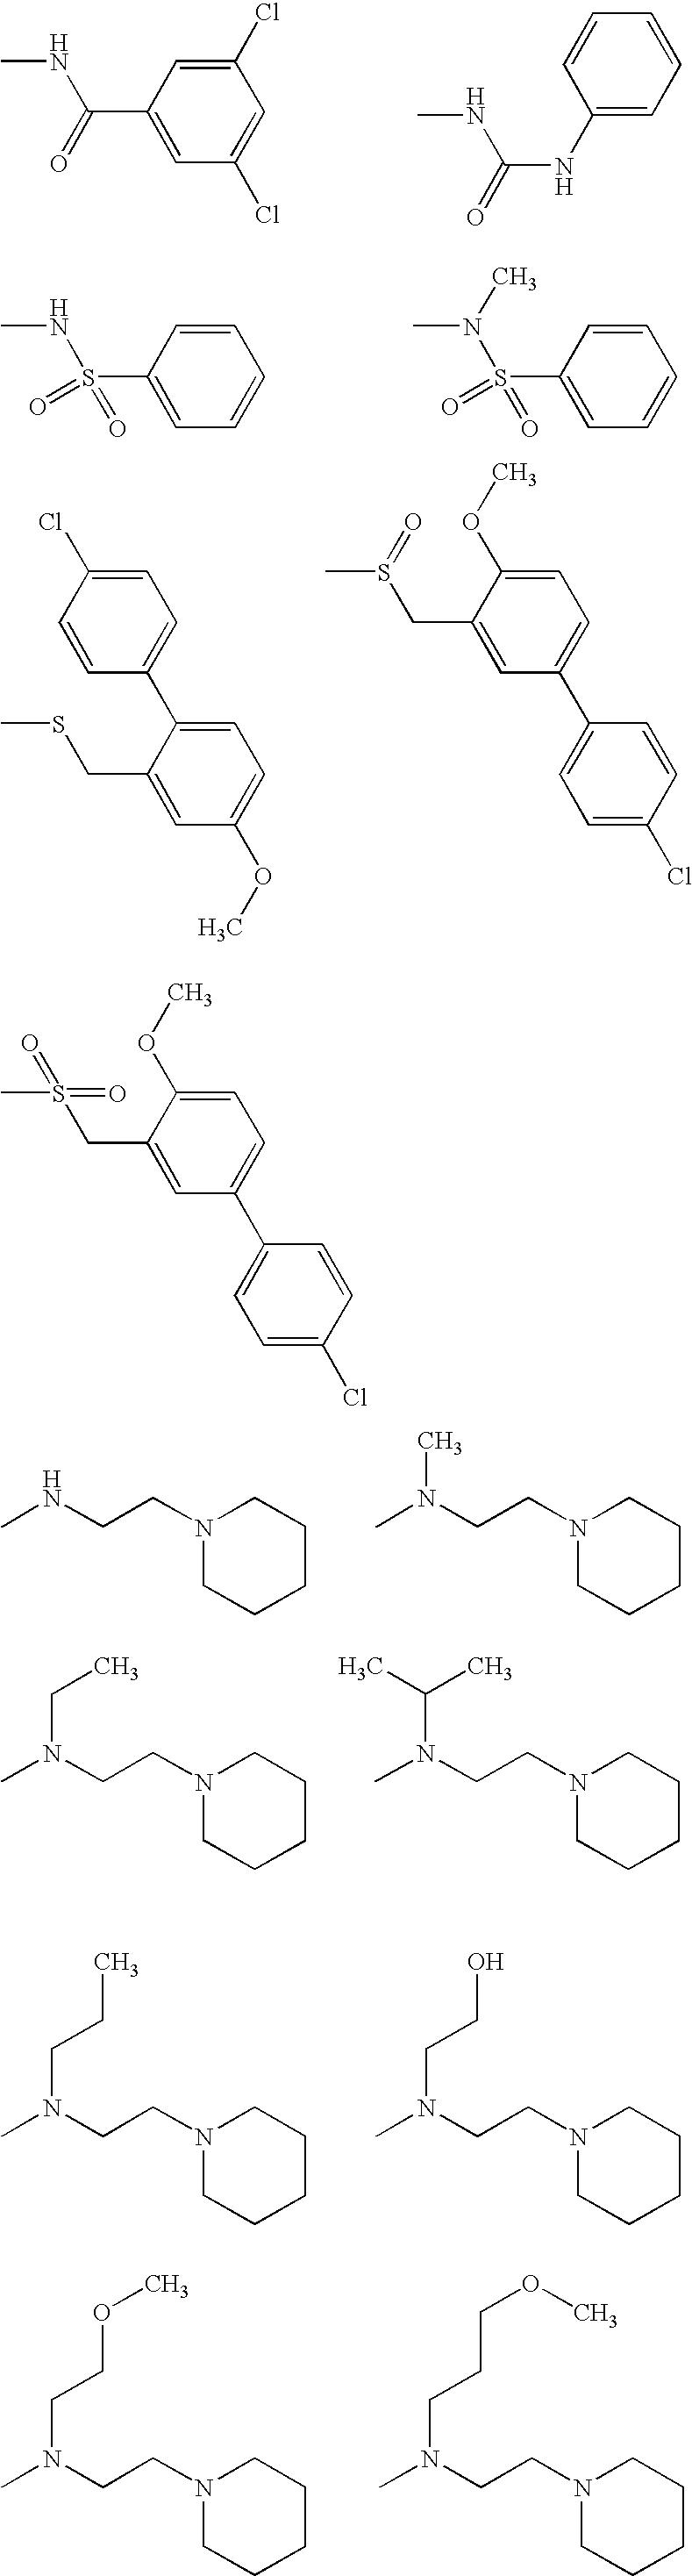 Figure US20070049593A1-20070301-C00241